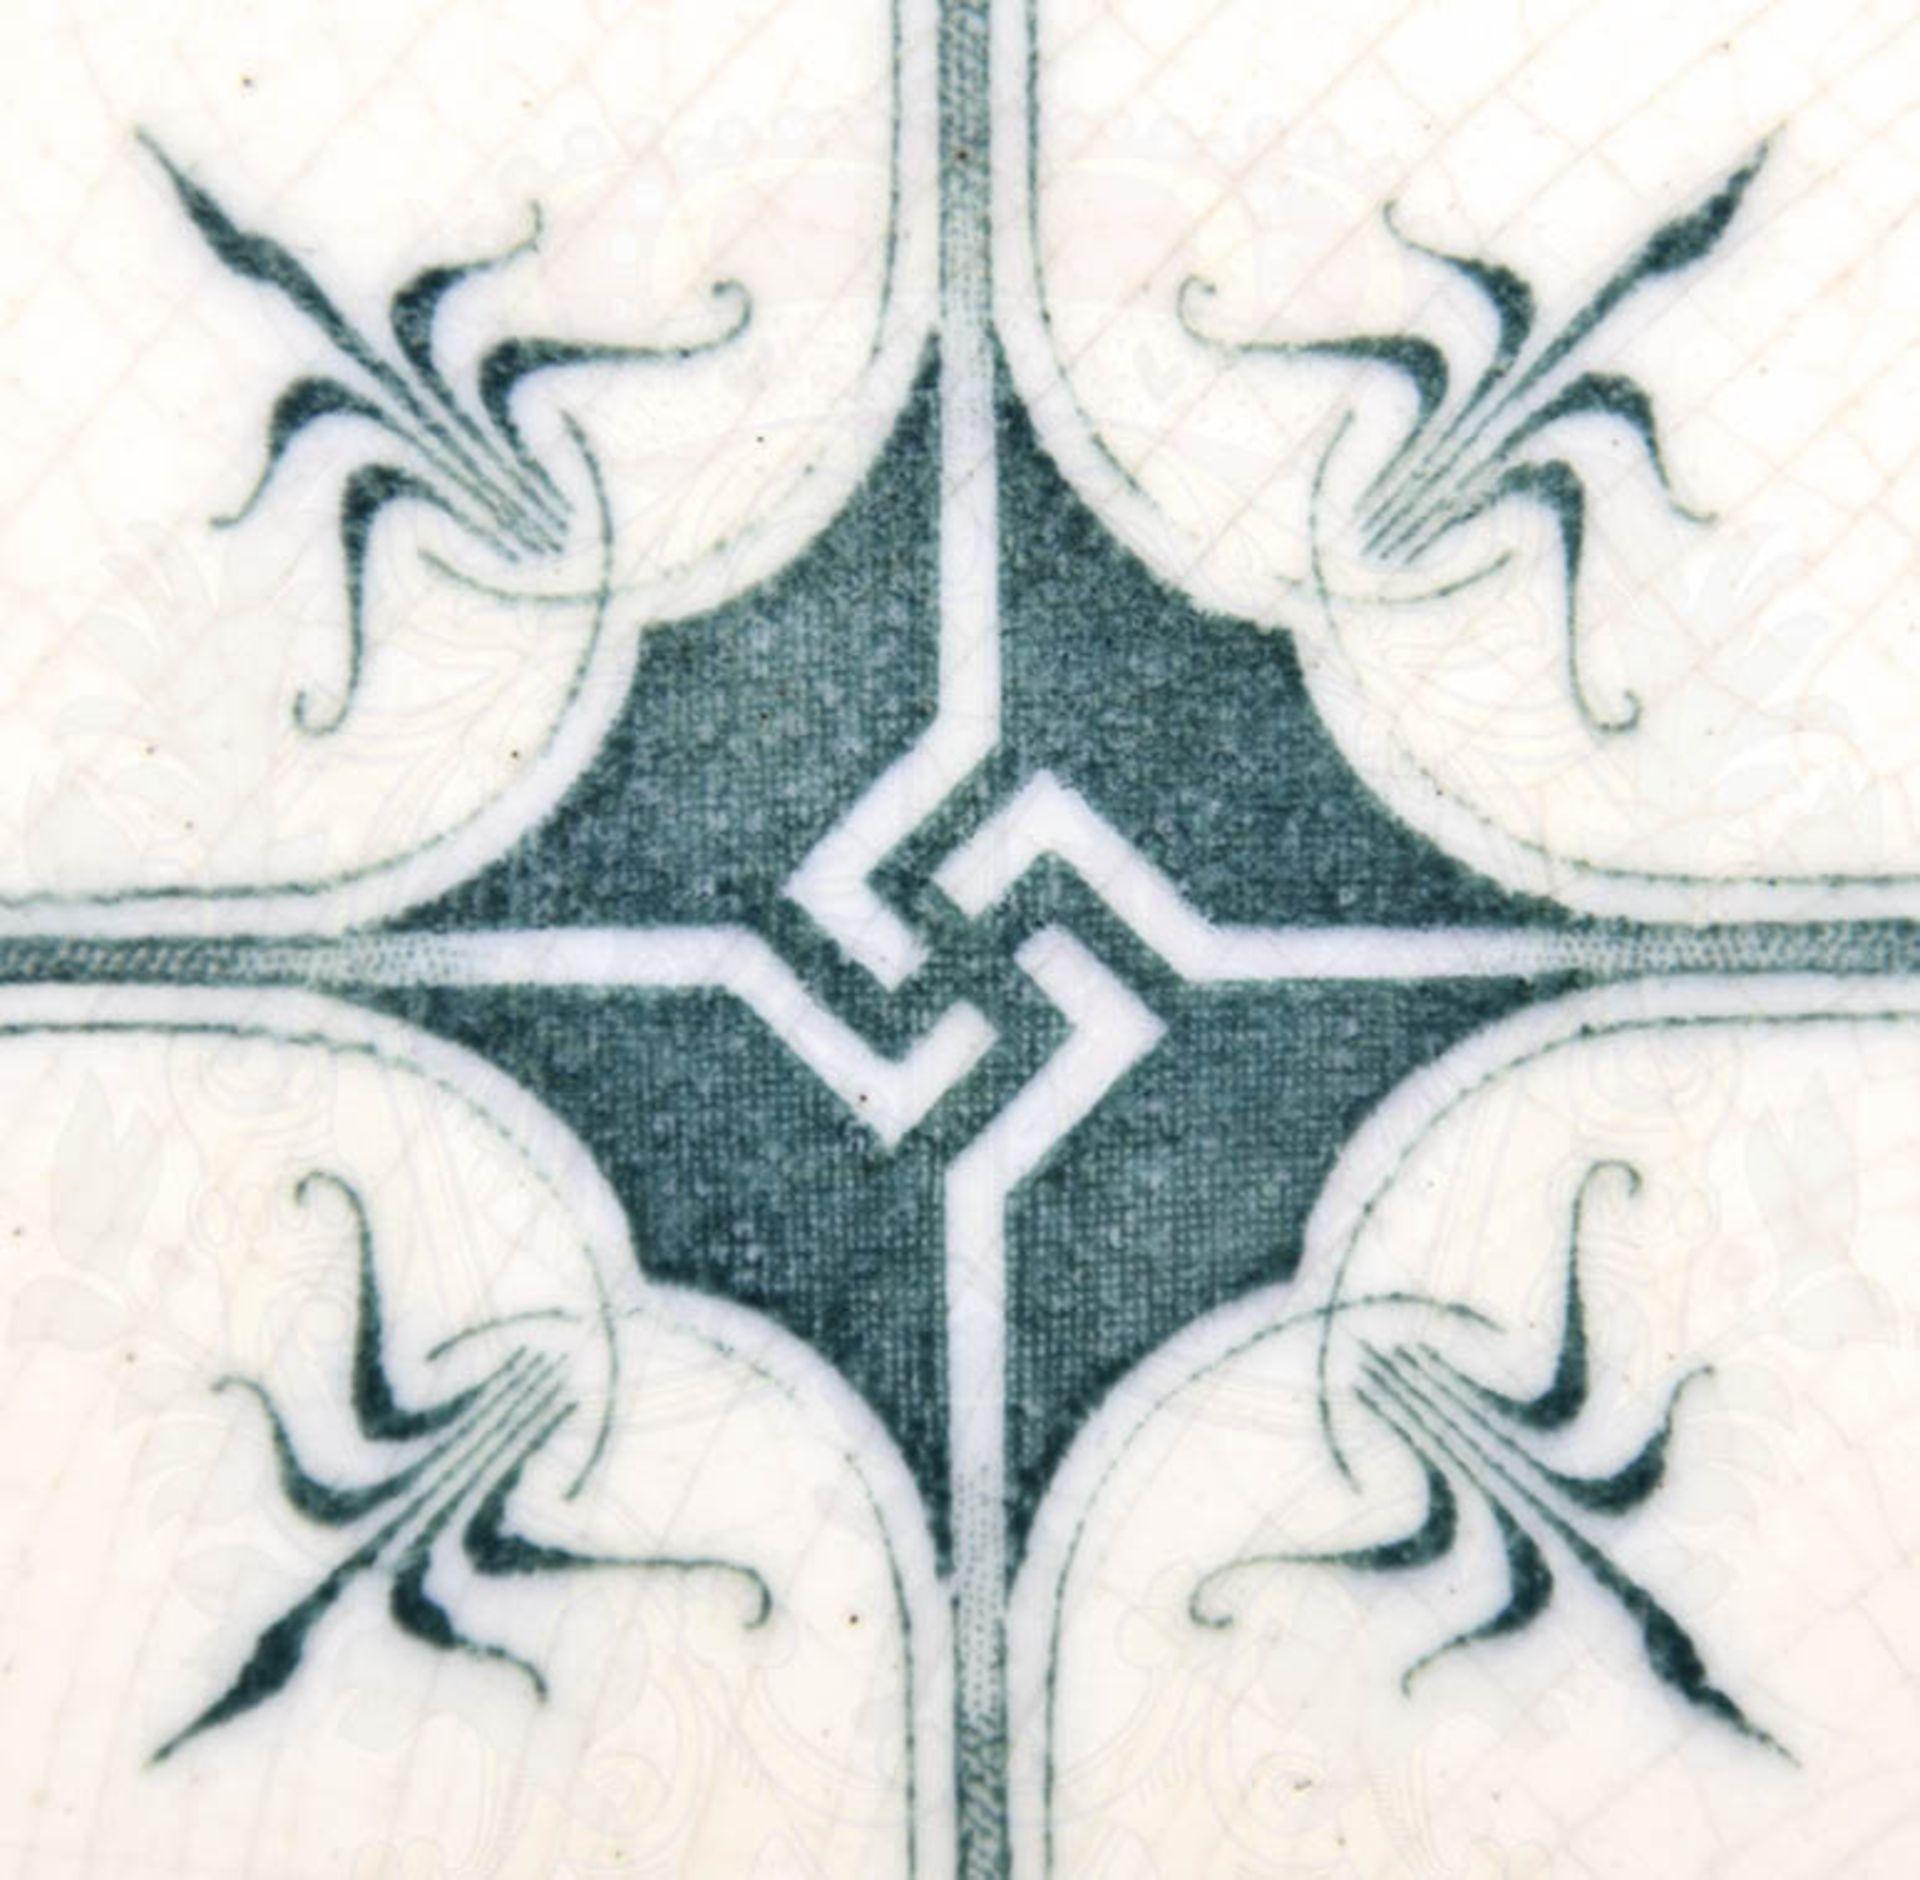 WANDFLIESE, Jugendstil-Ornamentik, um 1900, grün/weiße Glasur, mittig stilisiertes Hakenkreuz, ca. - Bild 2 aus 2